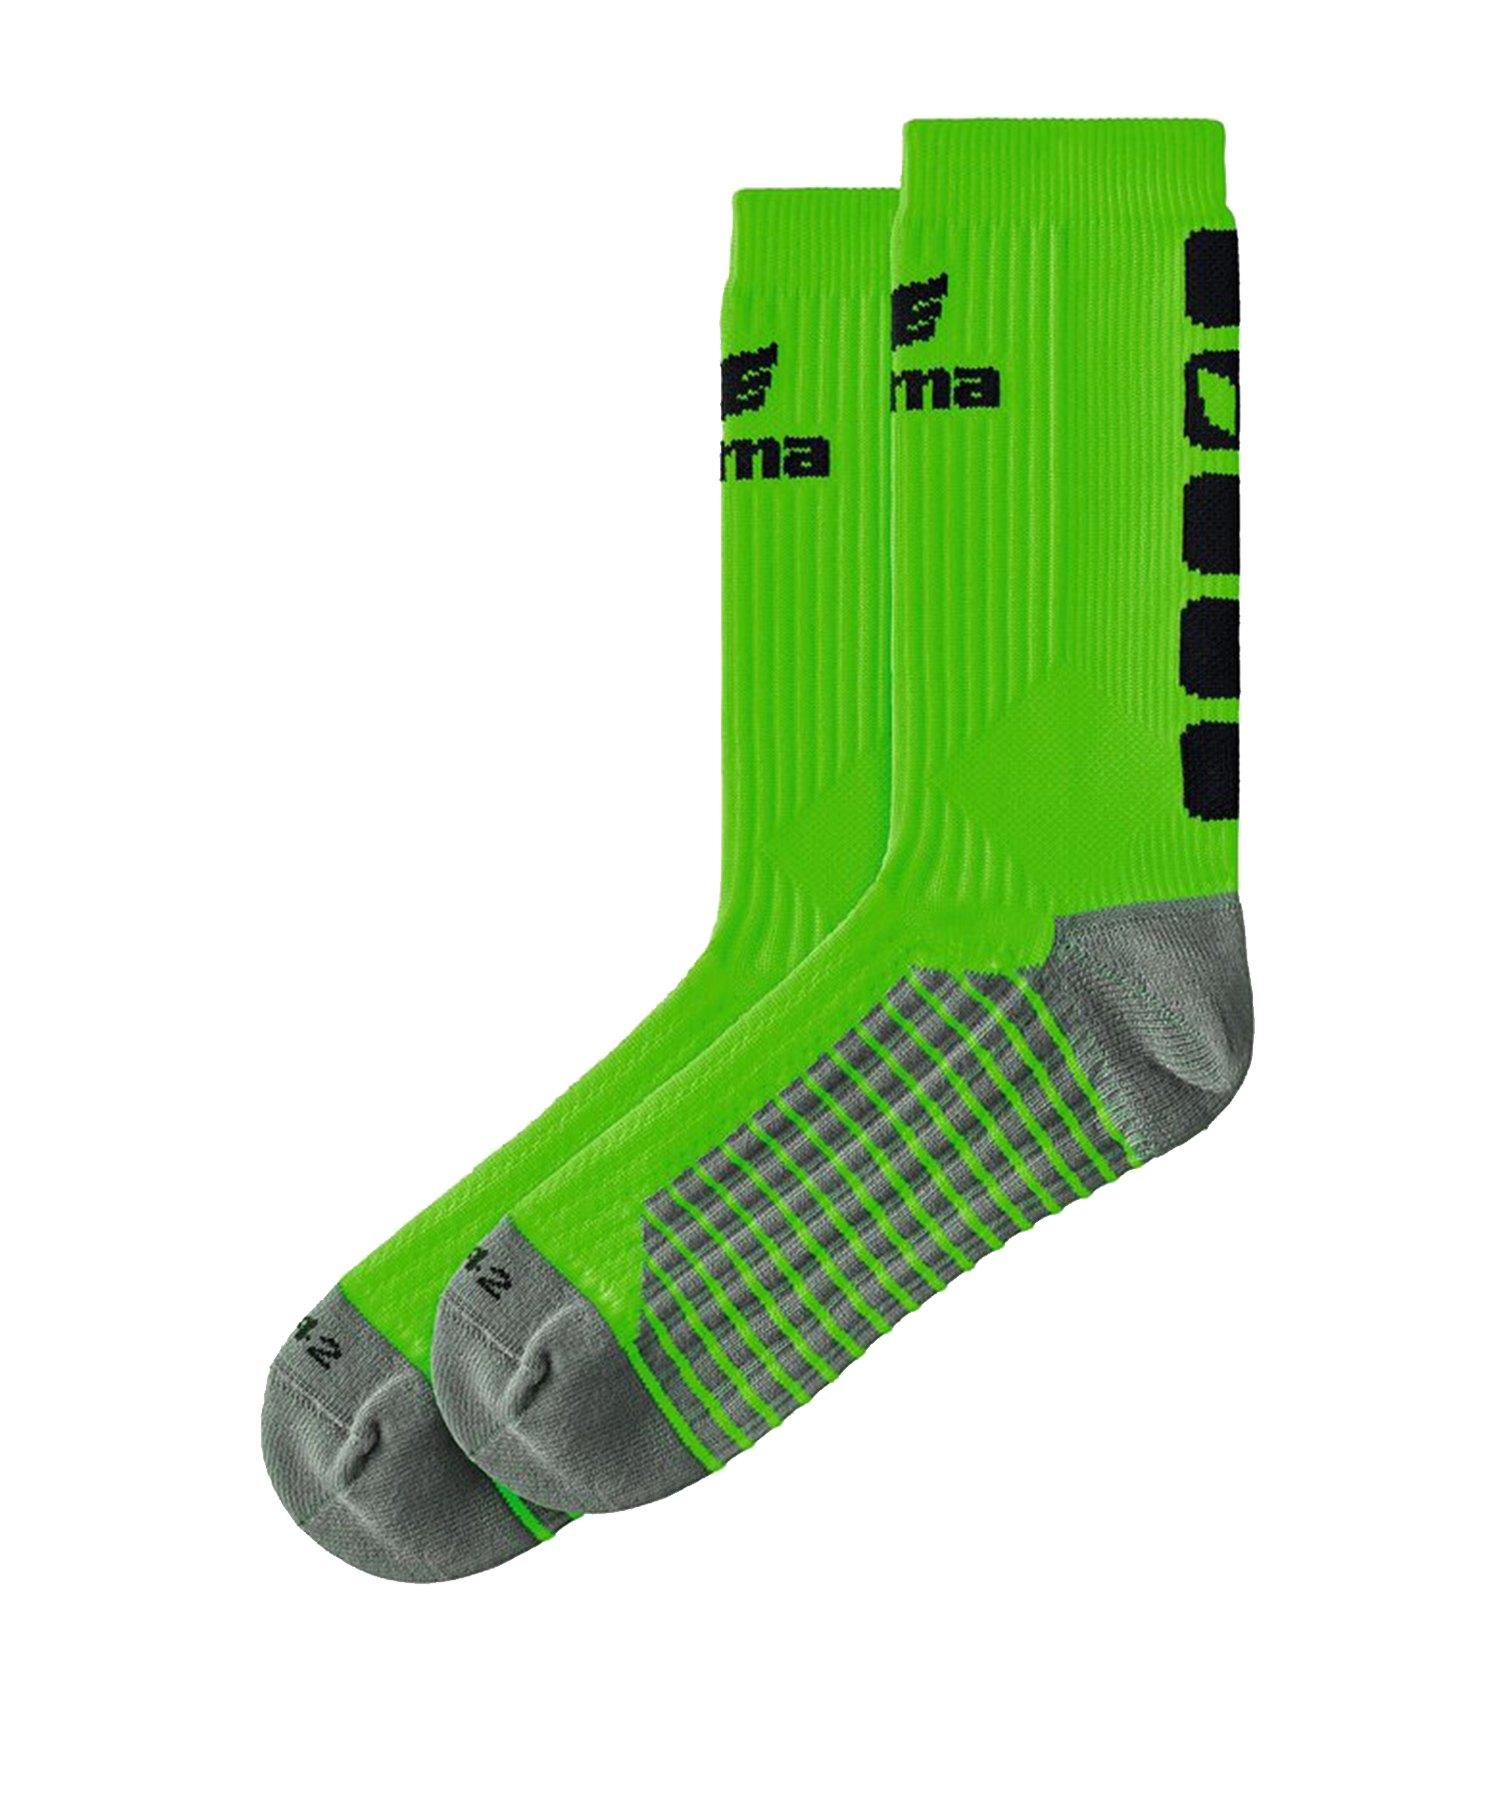 Erima CLASSIC 5-C Socken Grün Schwarz - Gruen